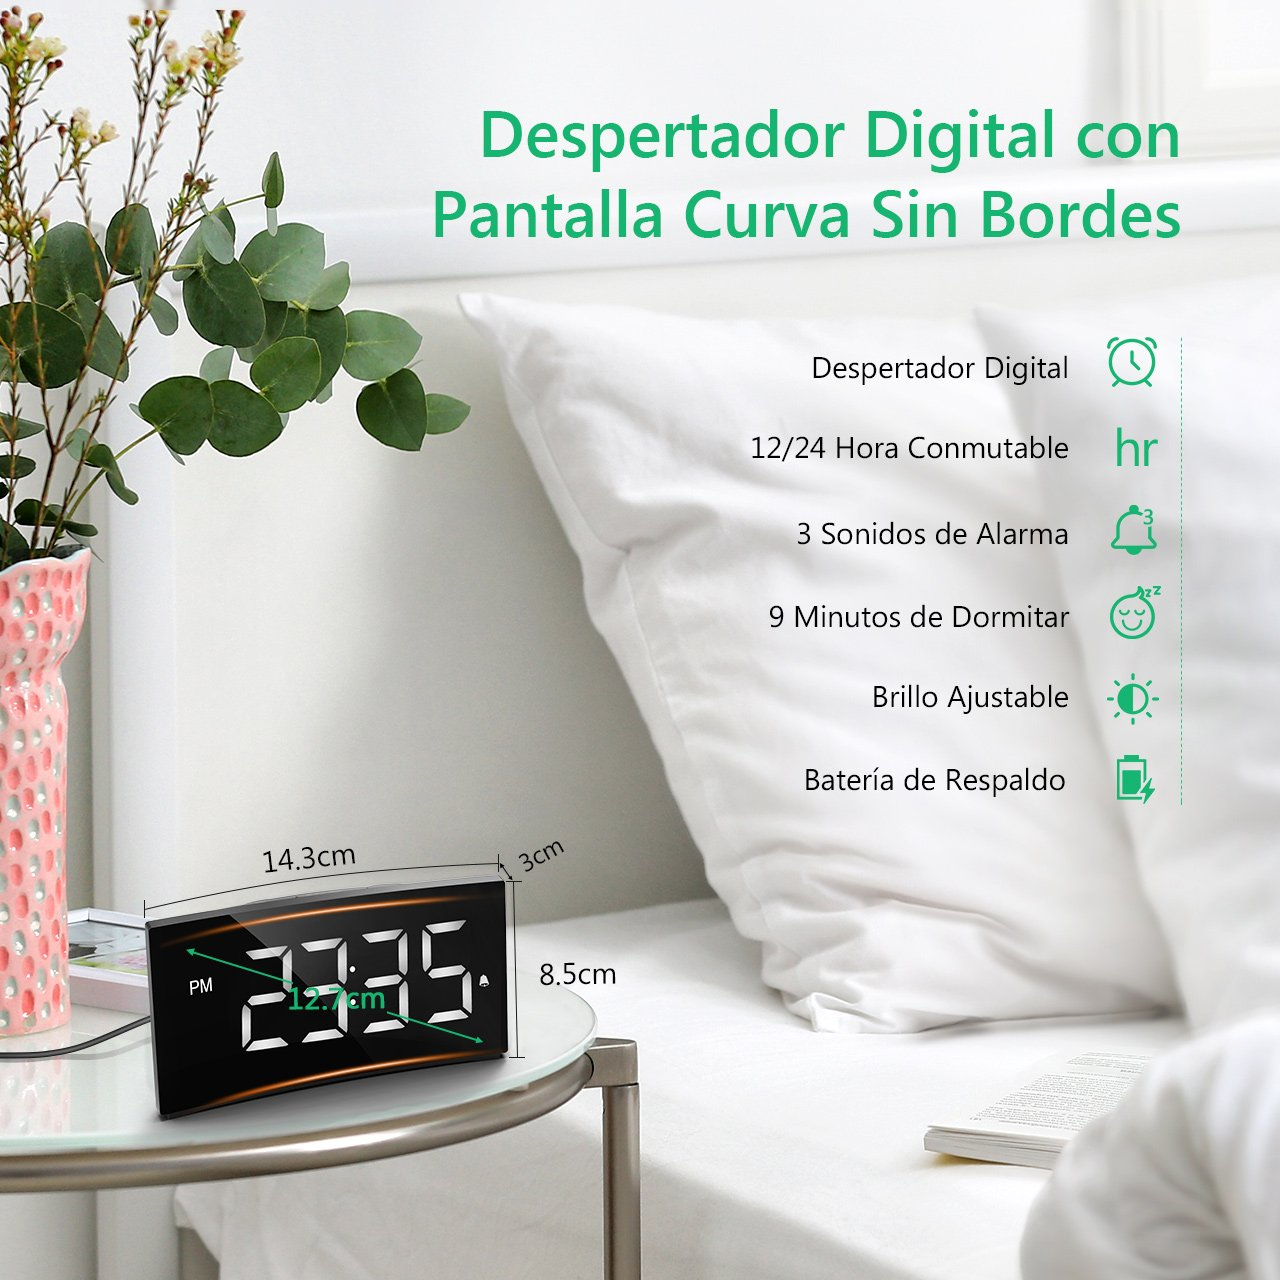 Holife Despertador Digital, Reloj Despertador Digital con Pantalla Curvada, con Enchufe de Carga, 3 Sonidos de Alarma, 6 Brillo Ajustable, Función Snooze ...